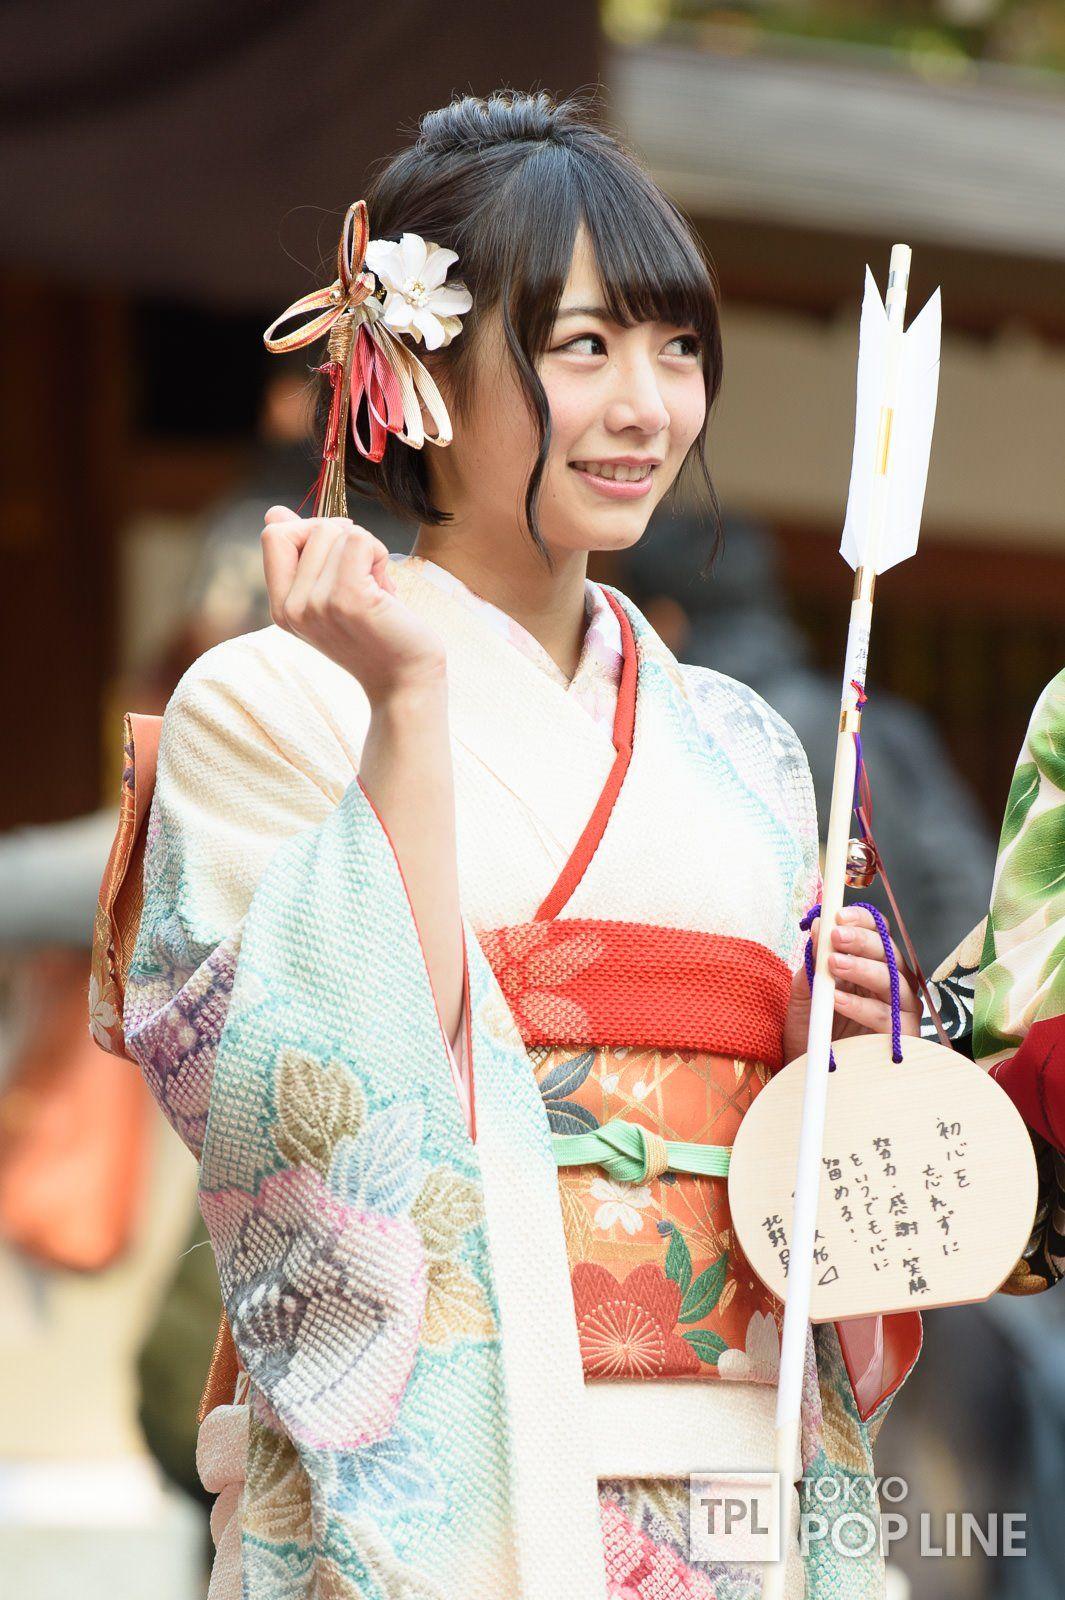 髪のアクセサリーが素敵な生田絵梨花さん